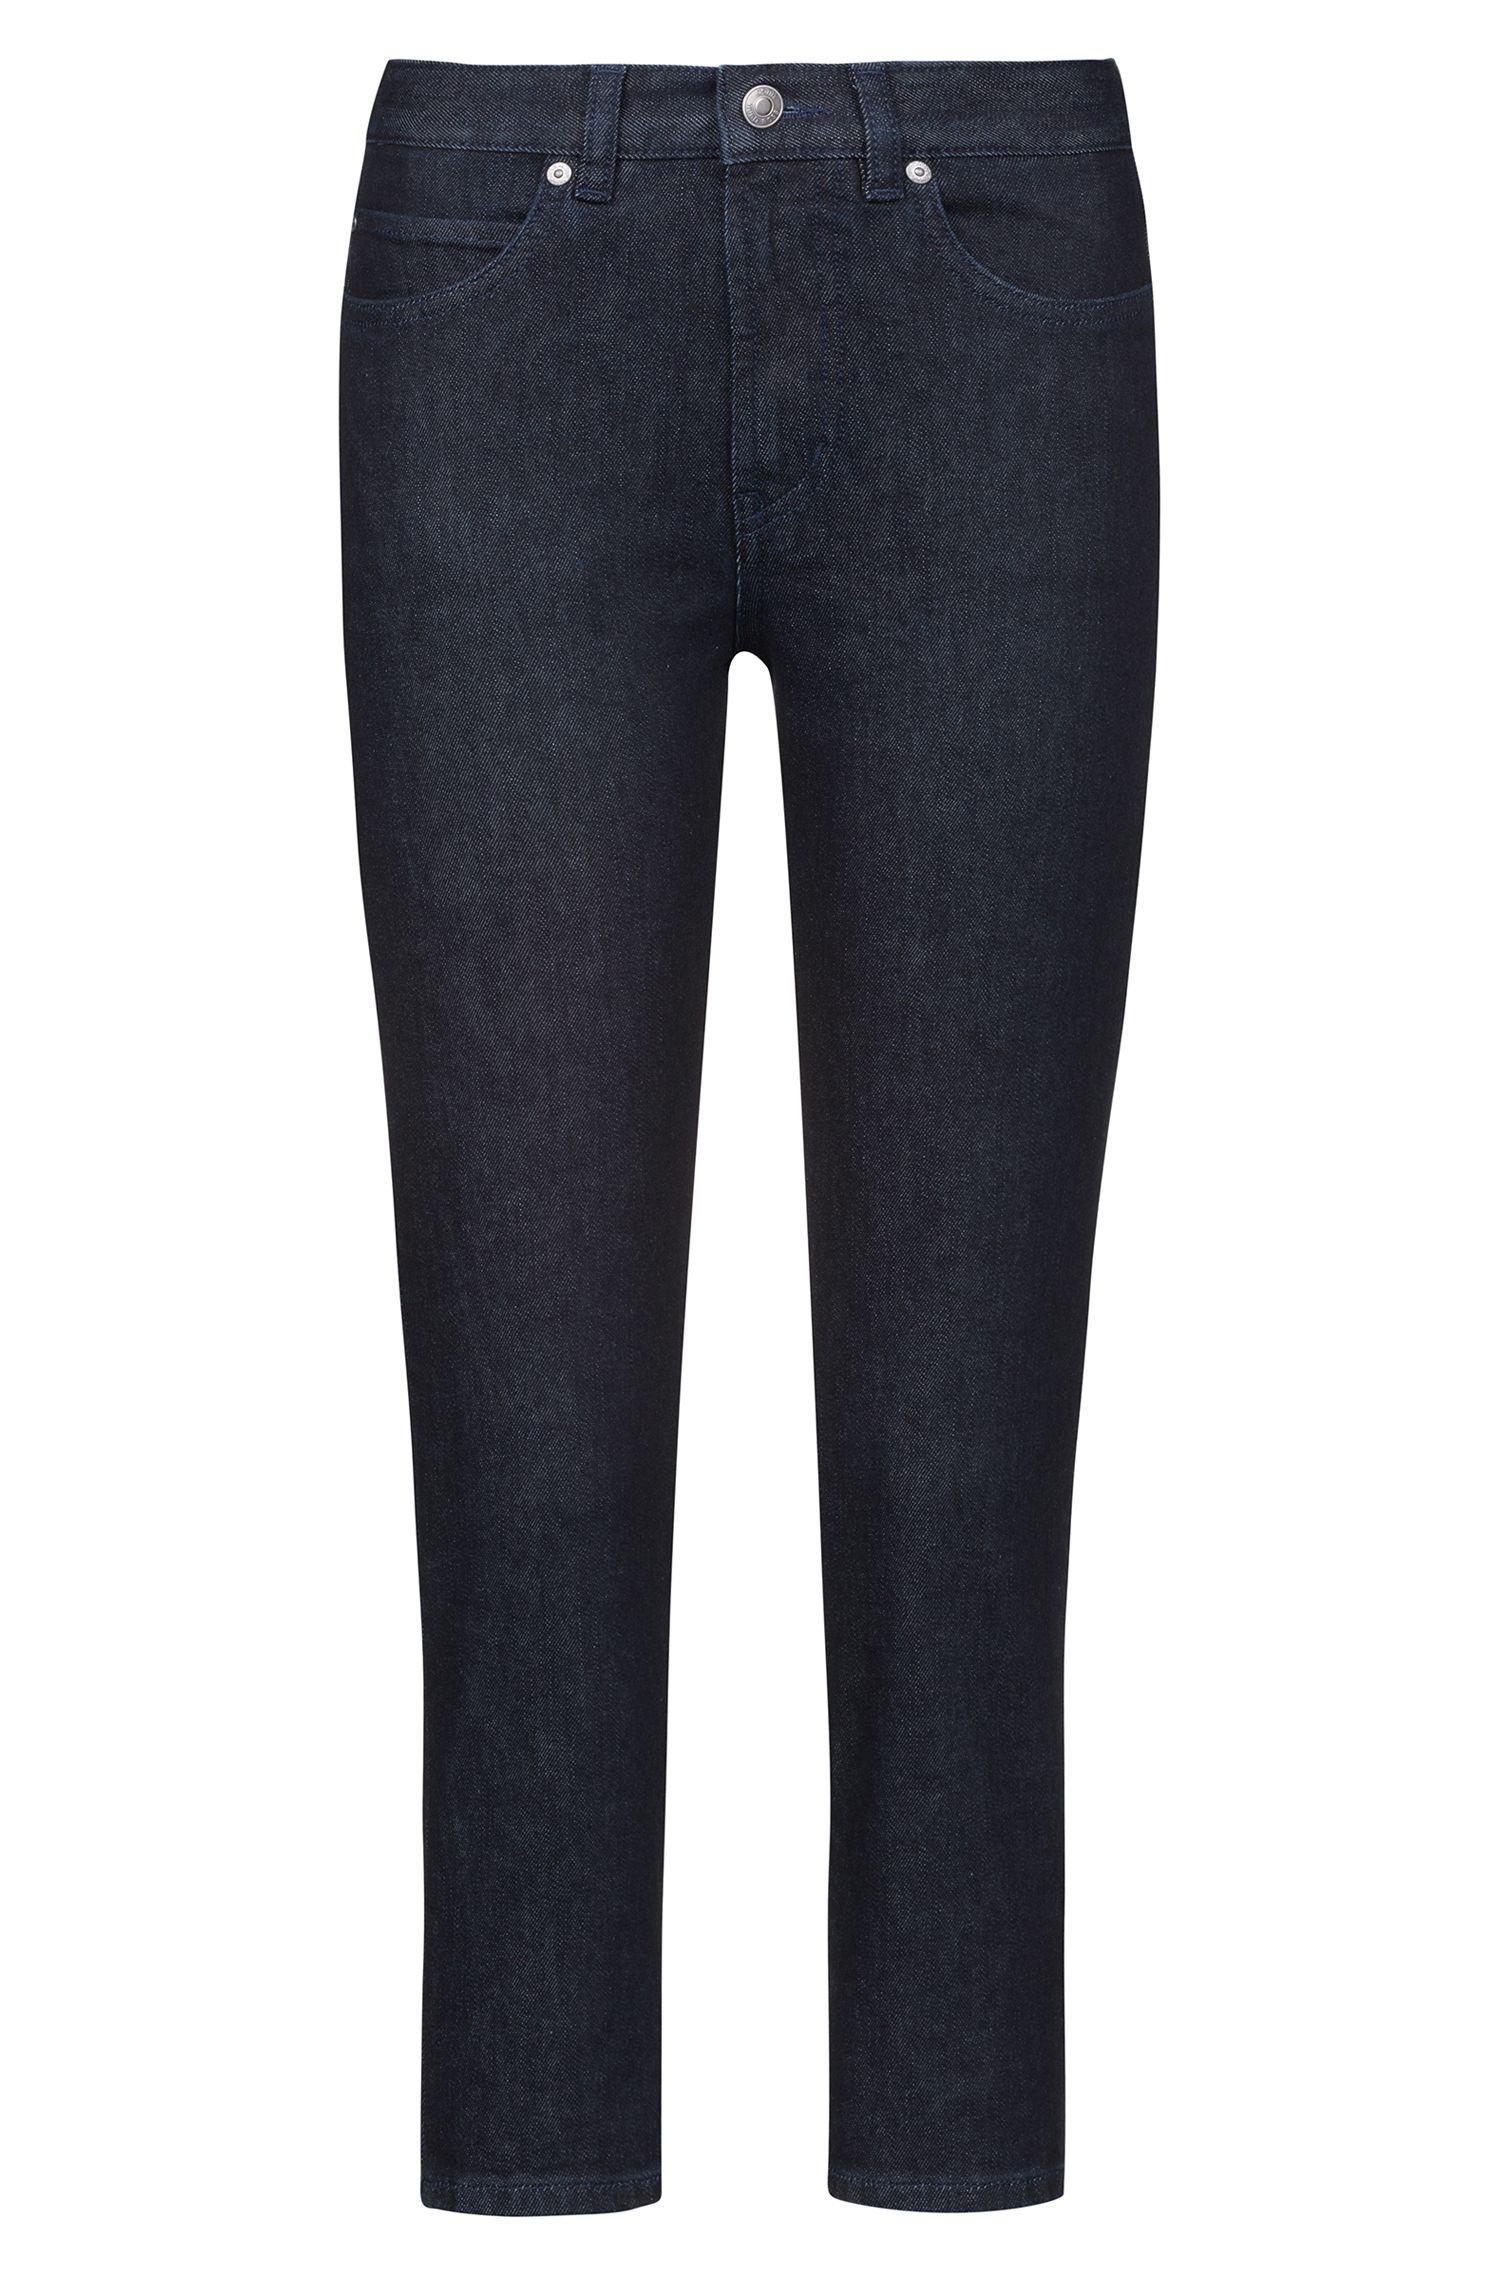 Slim-Fit Jeans in Cropped-Länge aus Stretch-Denim mit Reversed-Logo, Dunkelblau